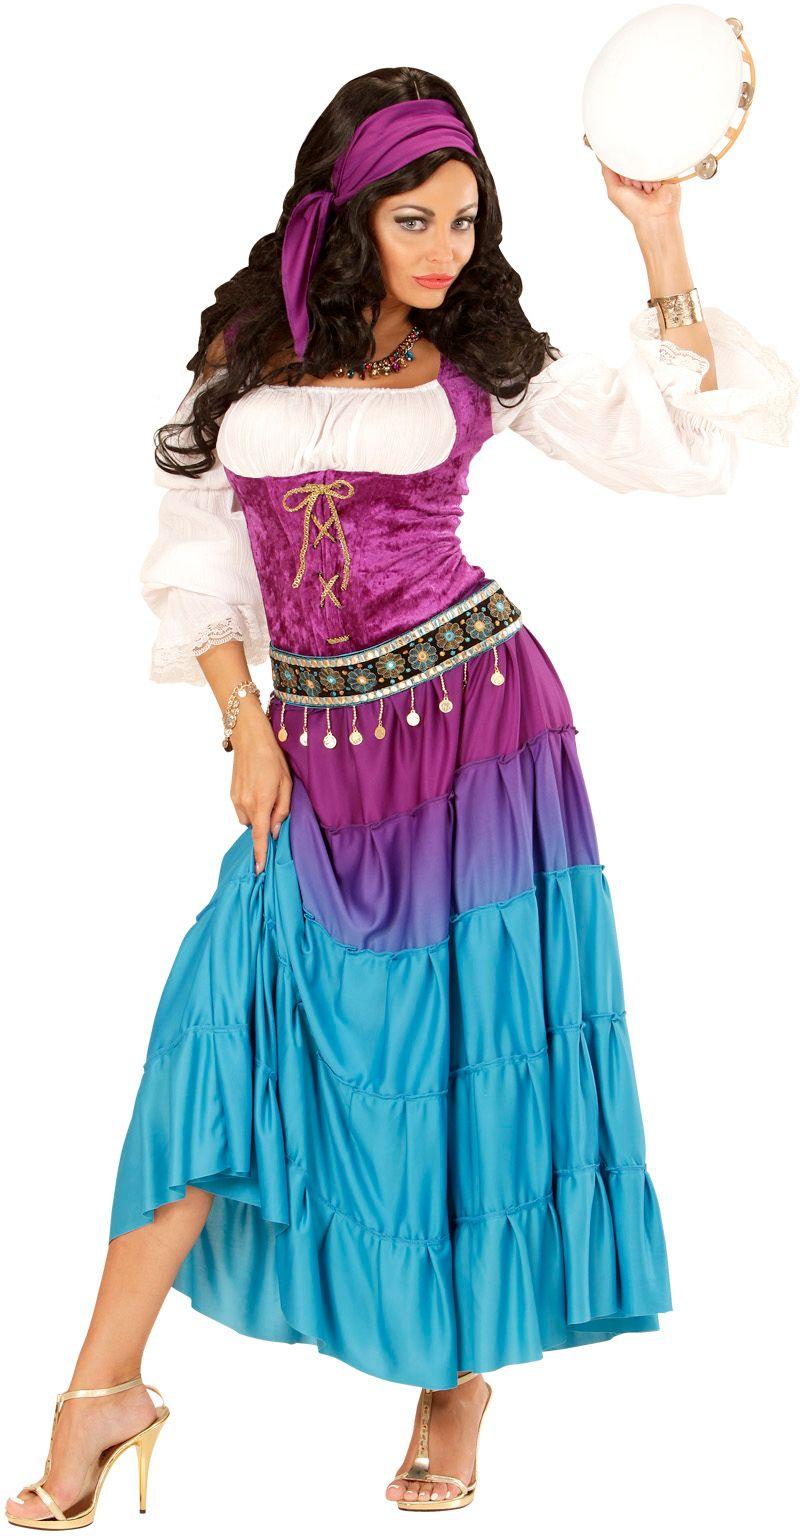 Luxe zigeunerin kostuum